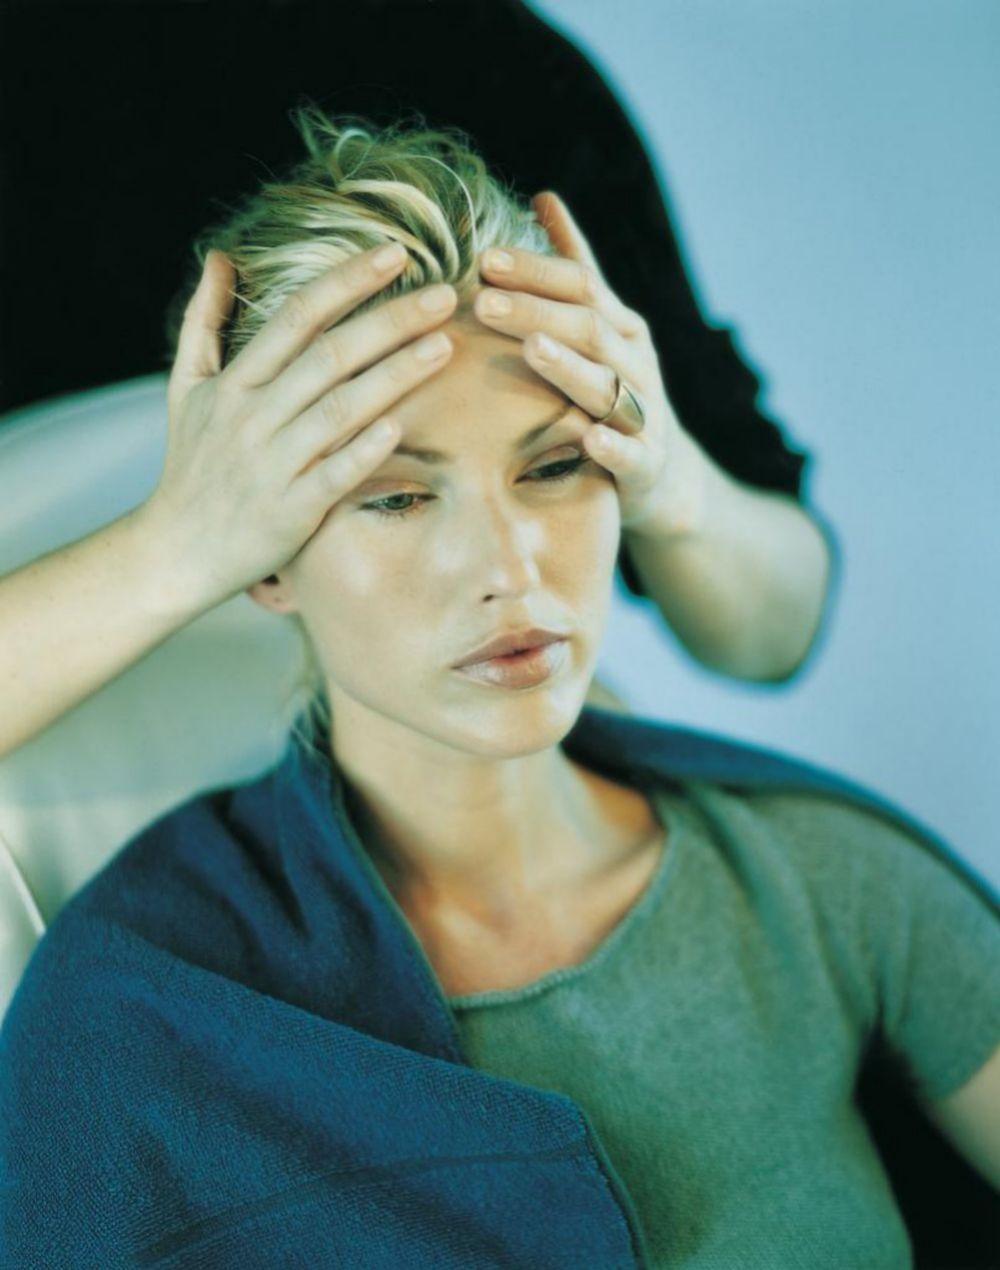 Las personas muy expresivas tienen muchas arrugas en la frente, que se pueden suavizar mediante masaje.